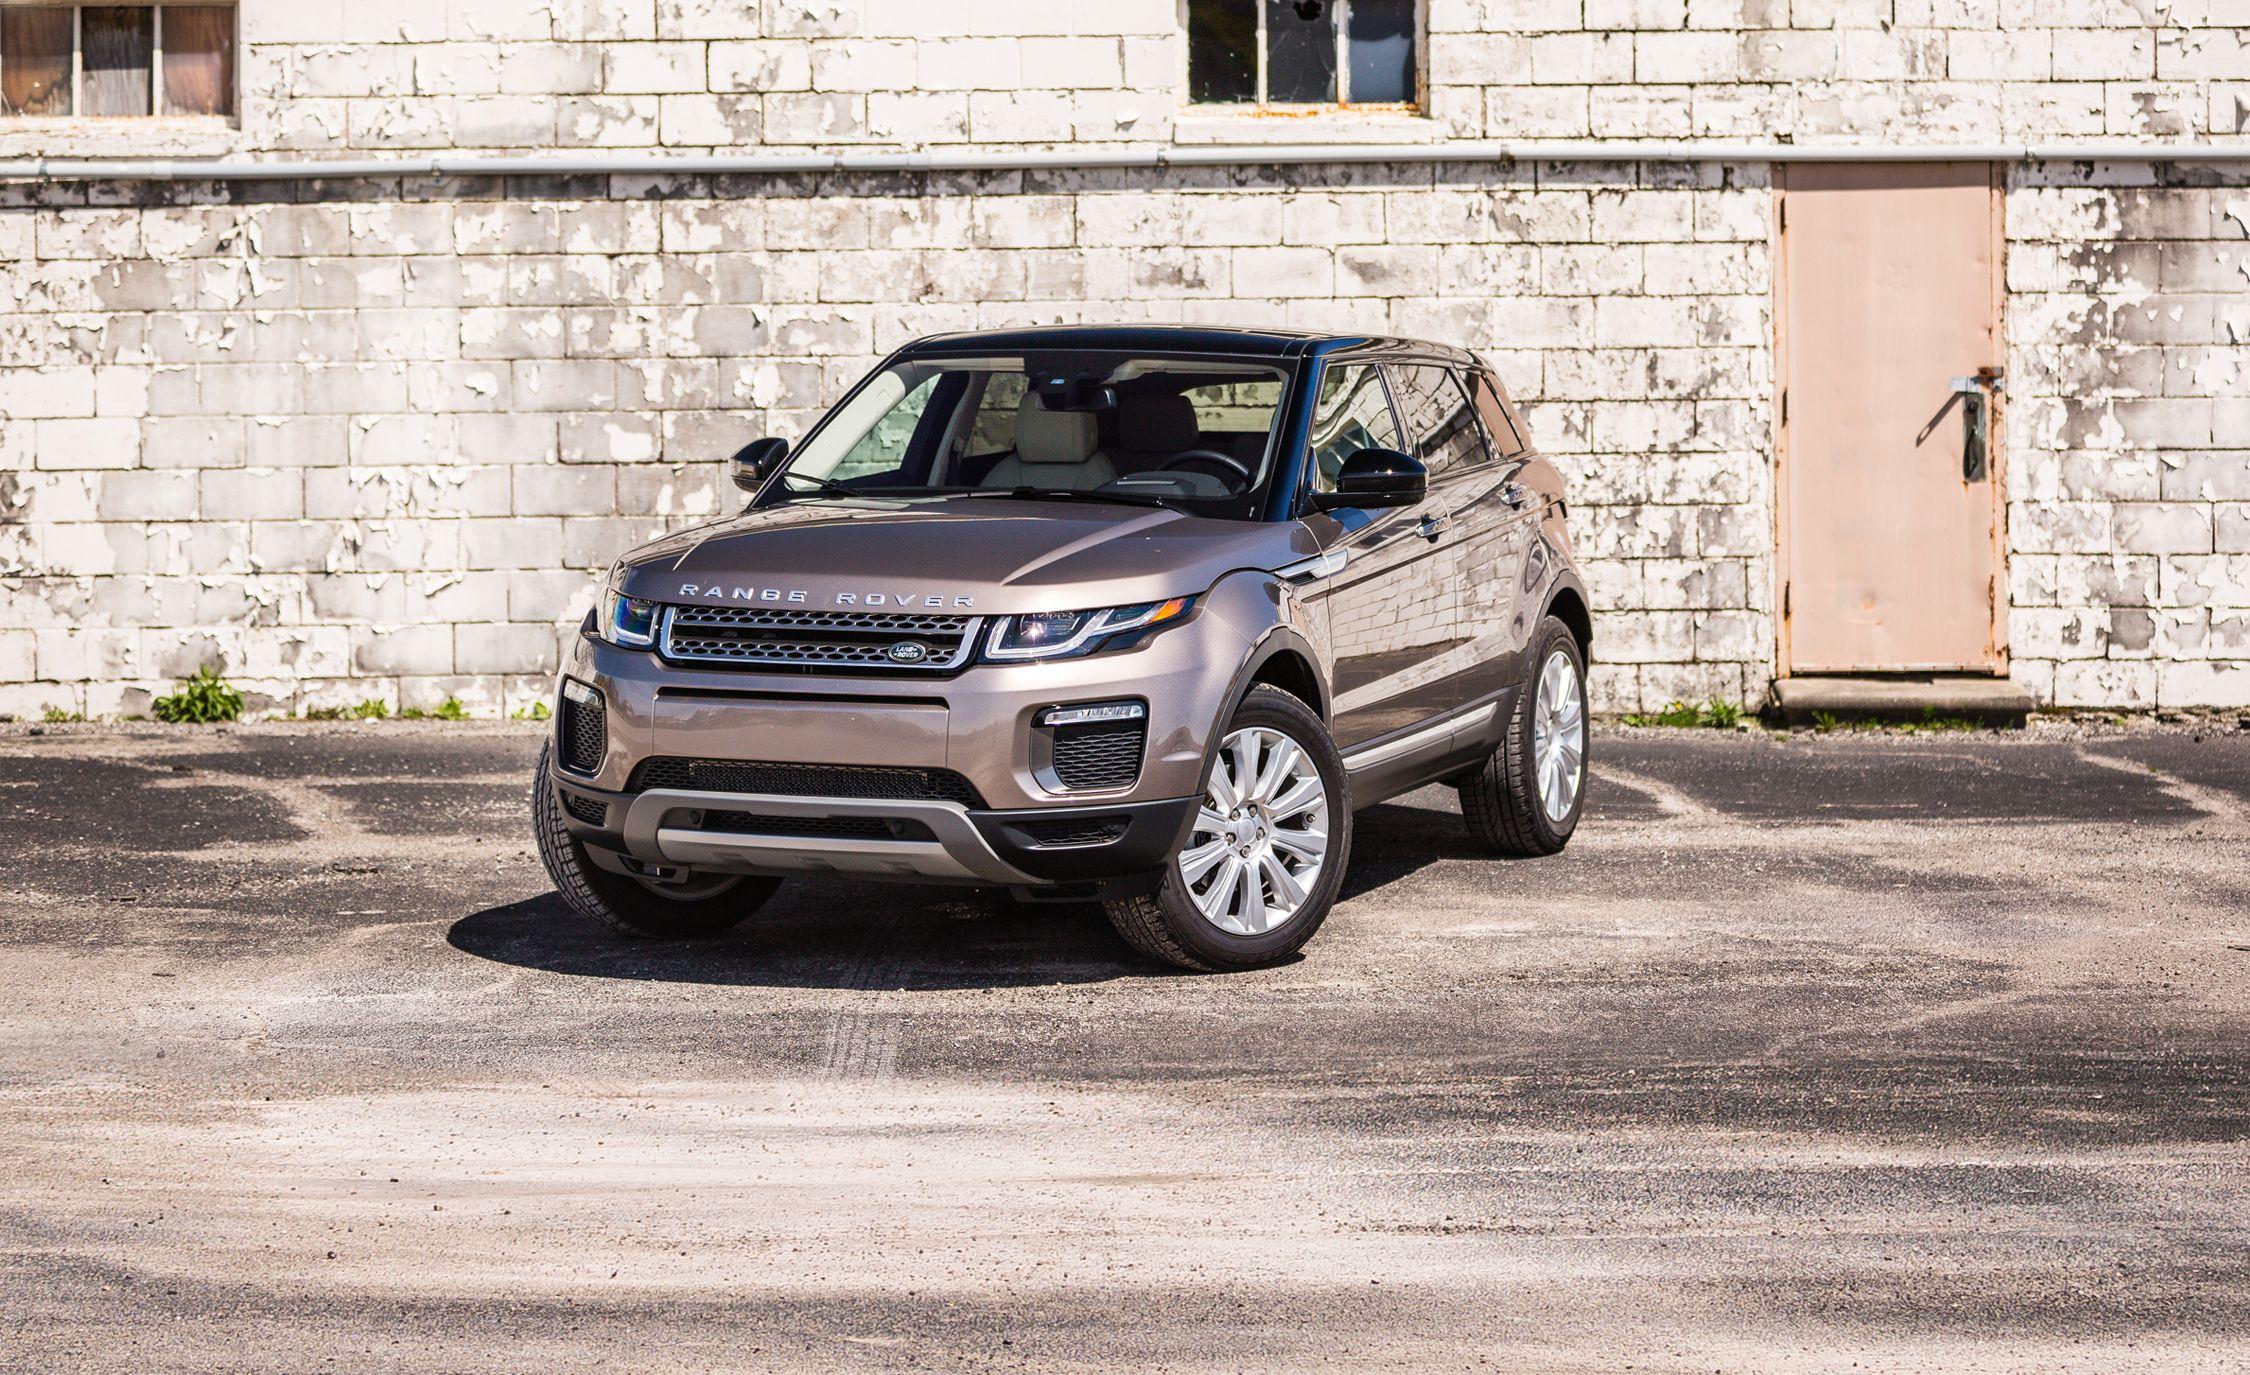 2017 Land Rover Range Rover Evoque 5 door